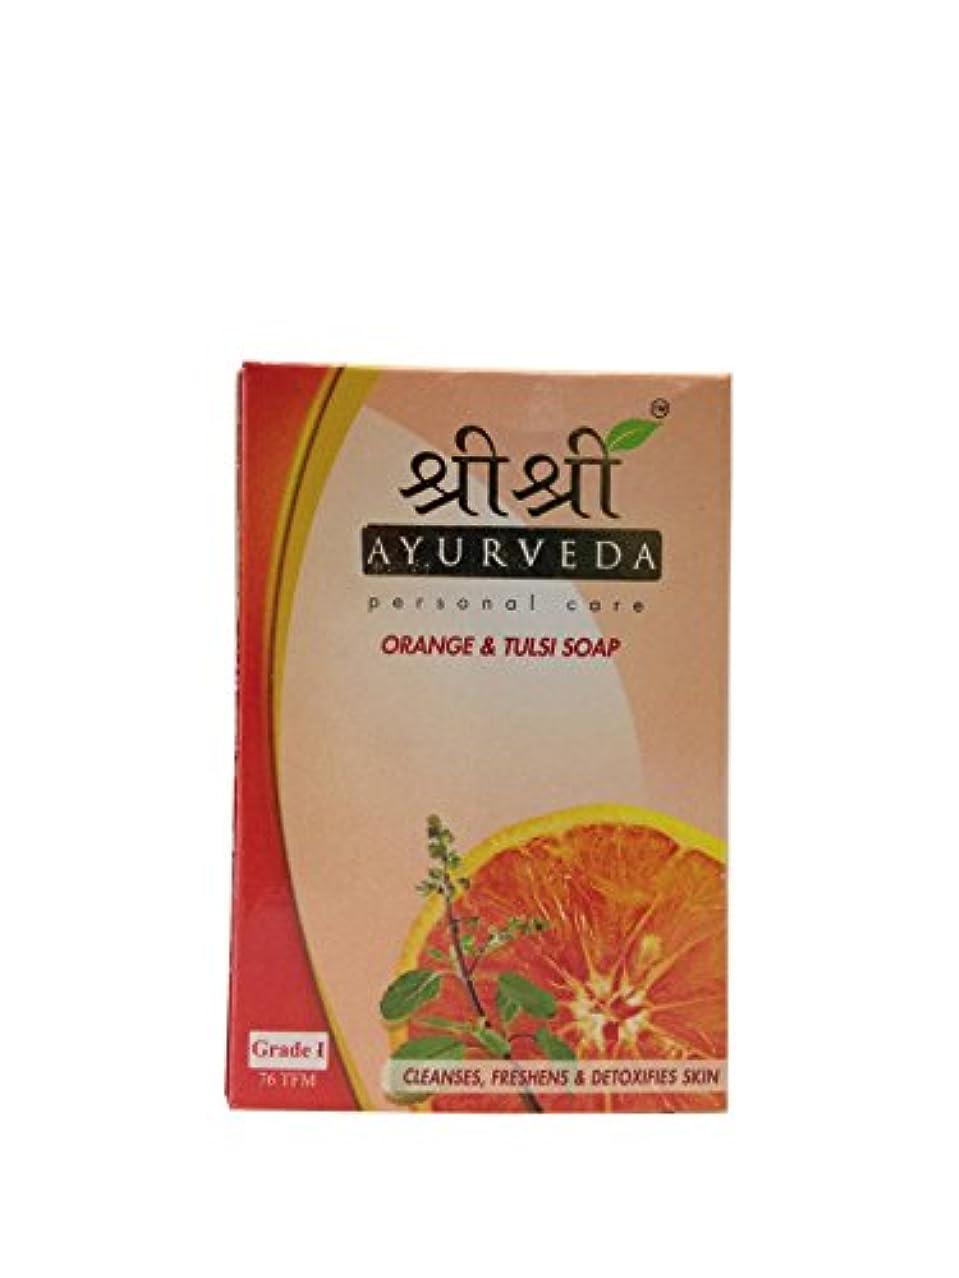 Sri Sri Ayurveda Orange & Tulsi Soap 100g…